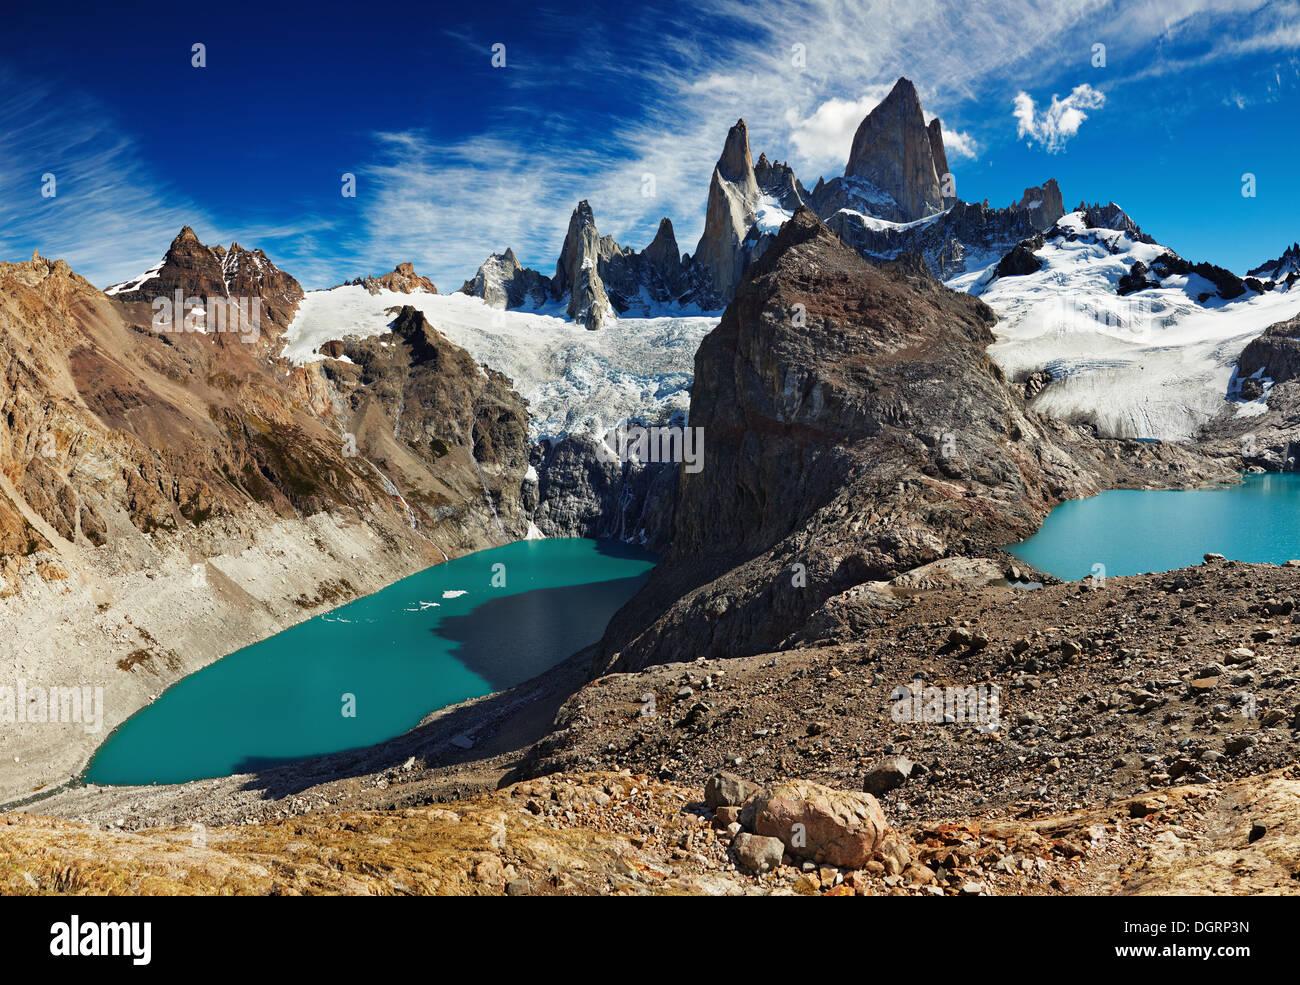 Laguna de Los Tres and Laguna Sucia, Patagonia, Argentina - Stock Image